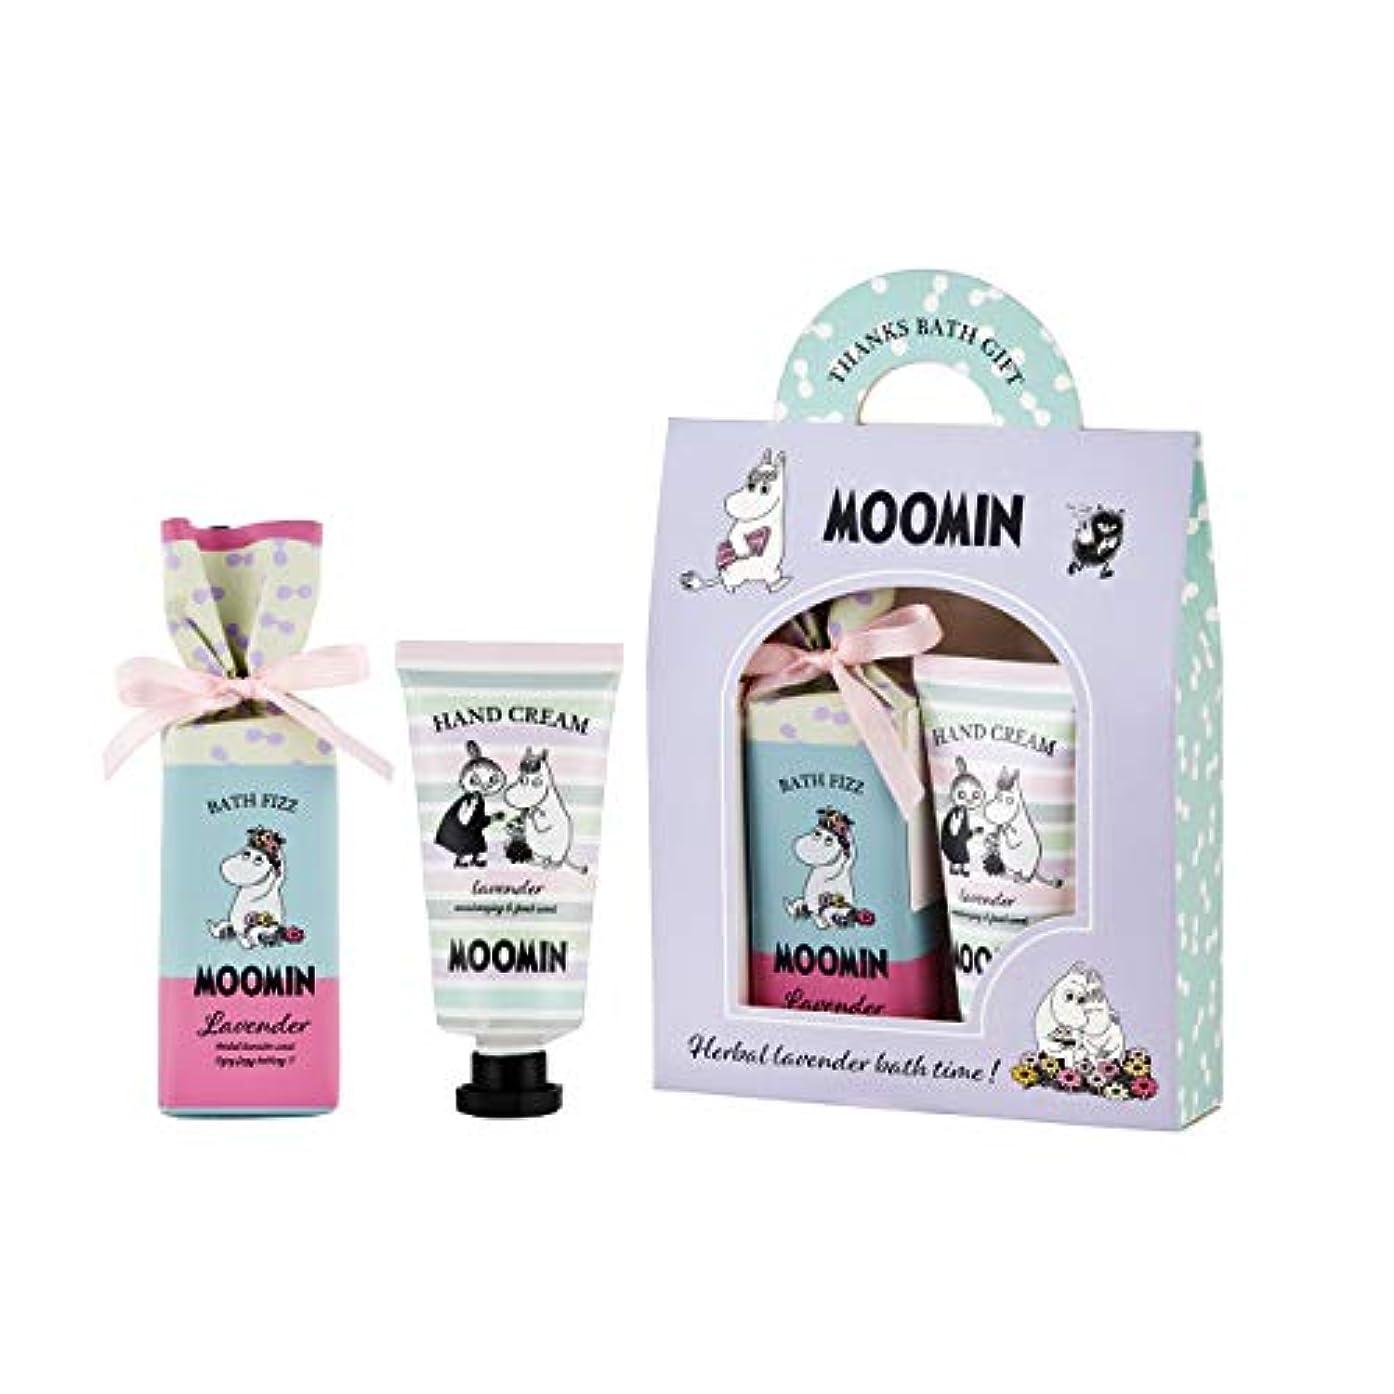 ワードローブぐるぐる泥沼MUUMI(ムーミン) ムーミン バスギフトバッグ (moomin 北欧 GIFT 贈り物 プチギフト) その他ラベンダーセット